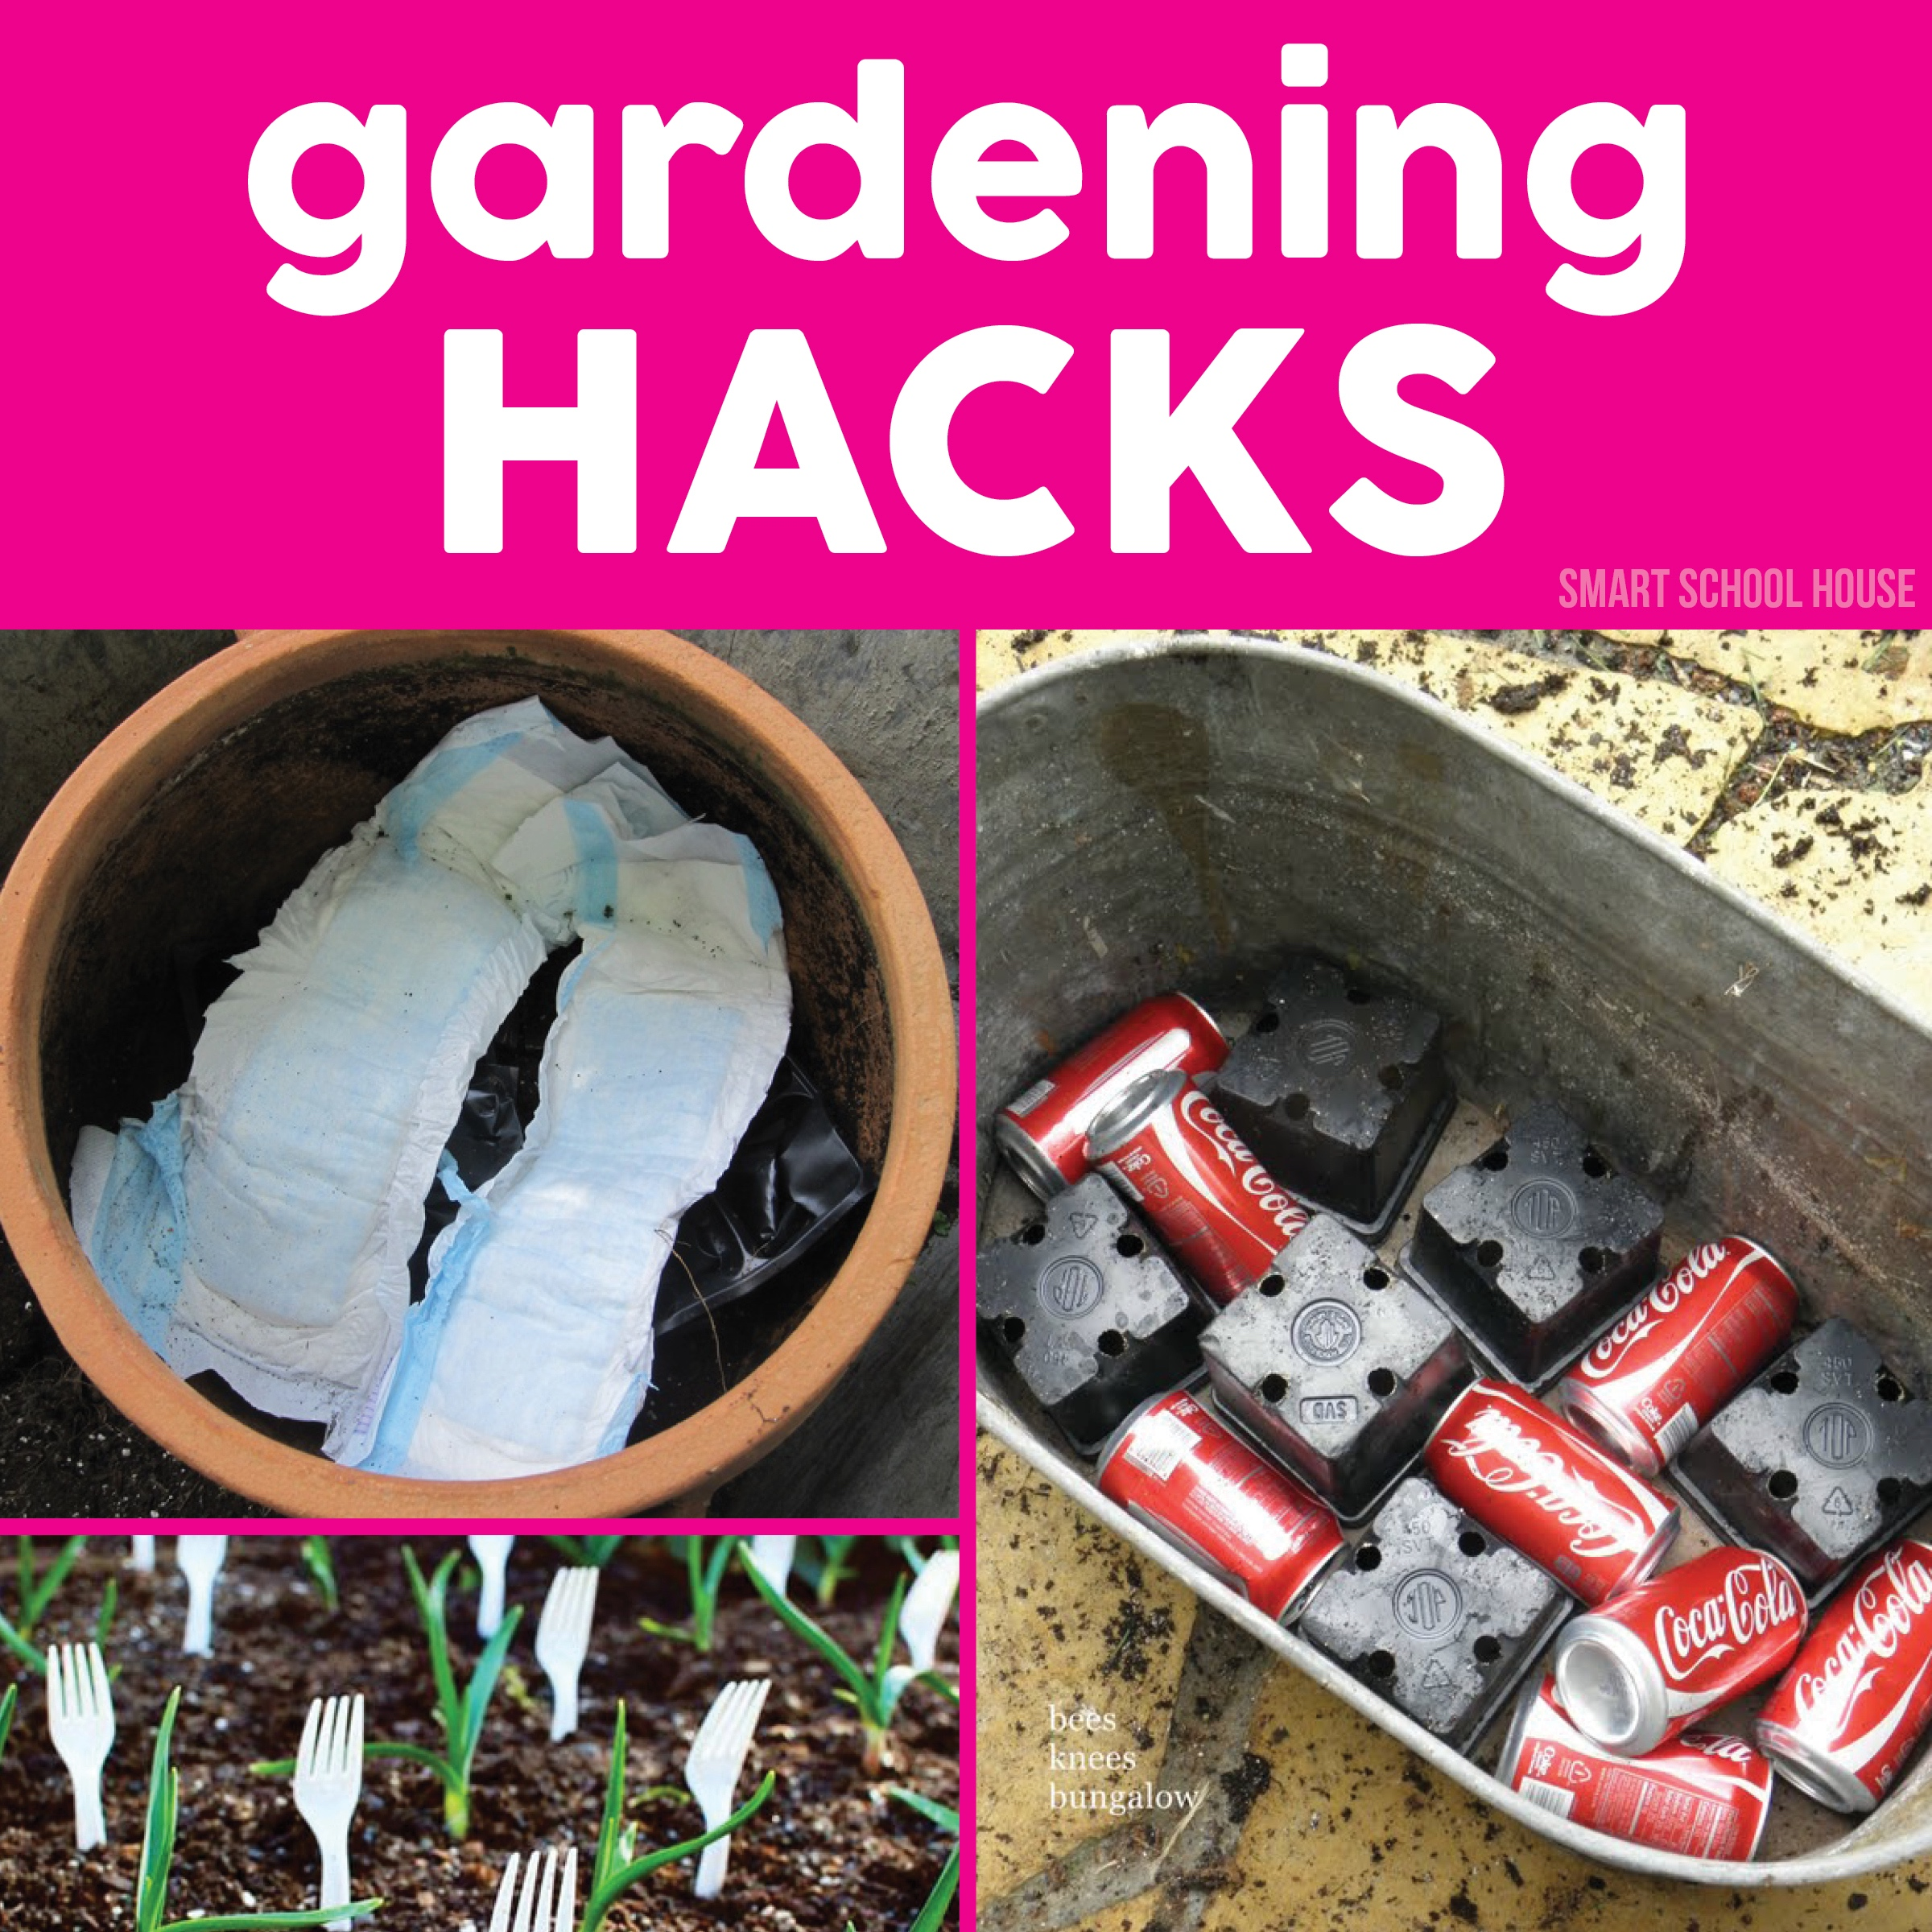 Gardening hacks smart school house for Garden design hacks